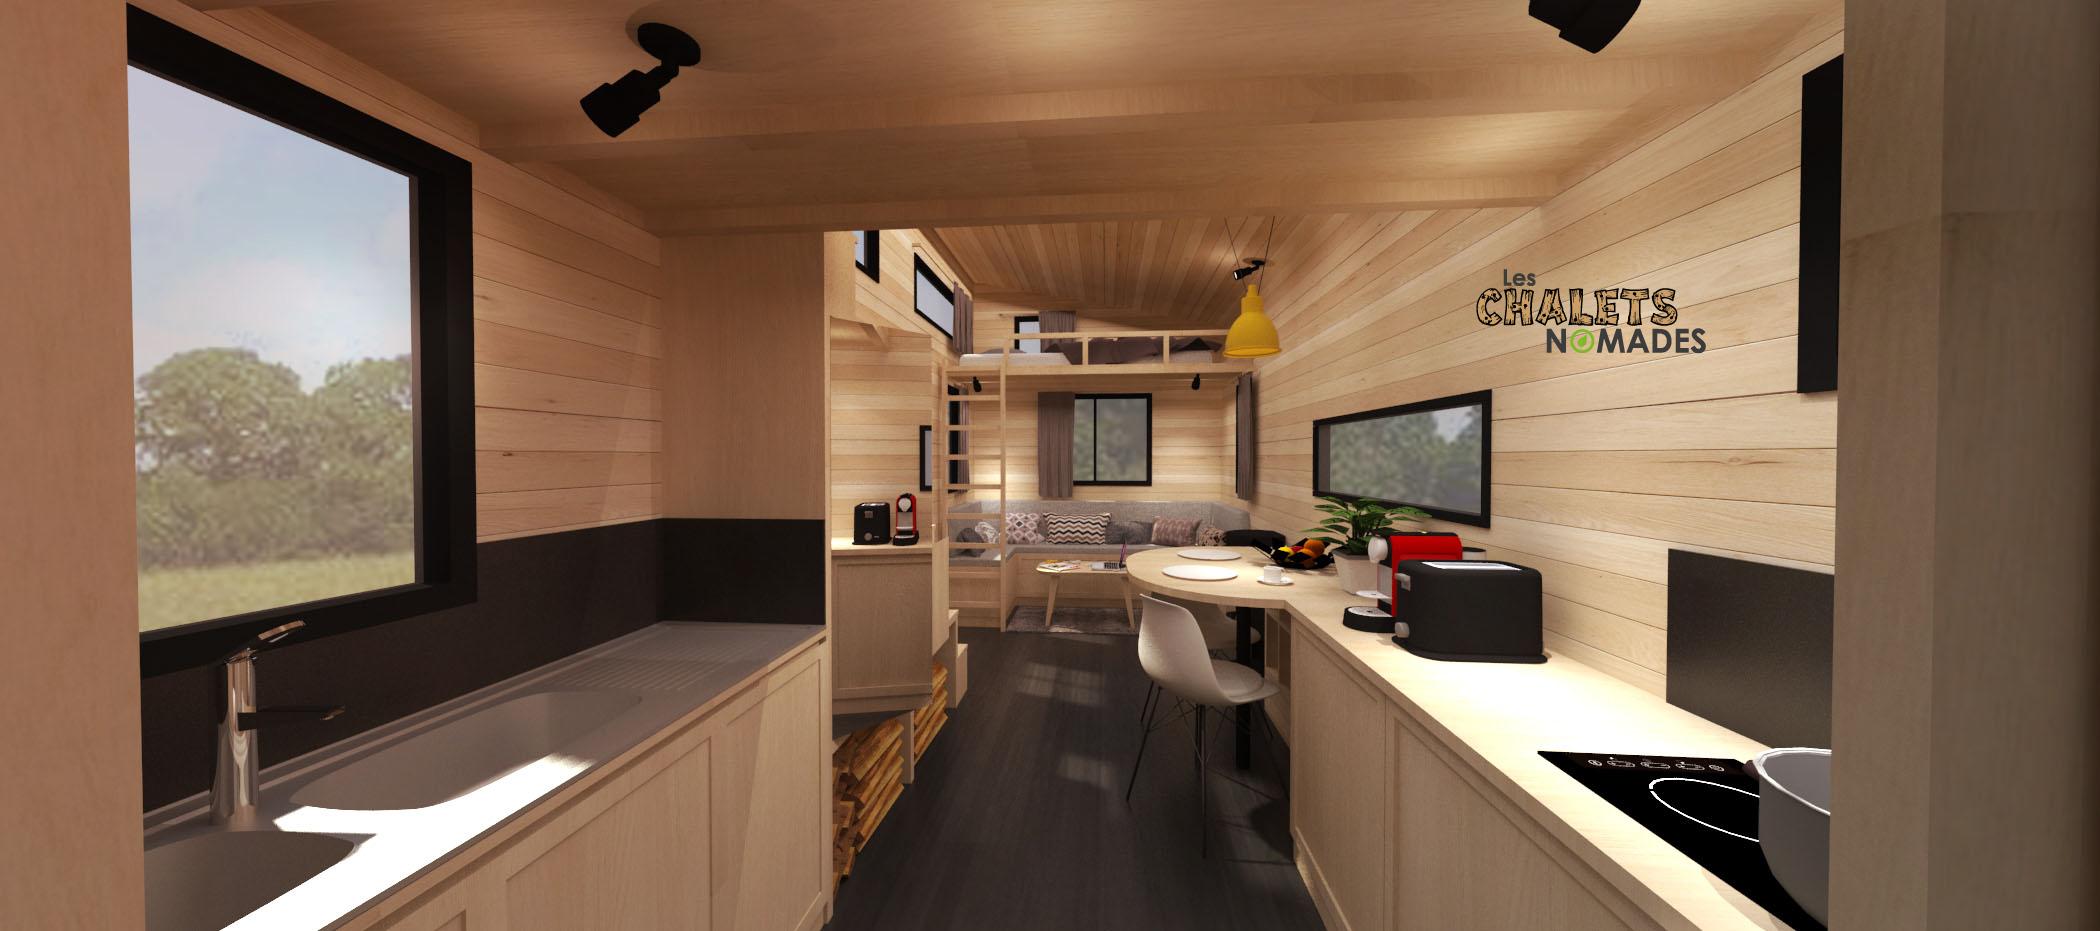 Une cuisine équipée et aménagée